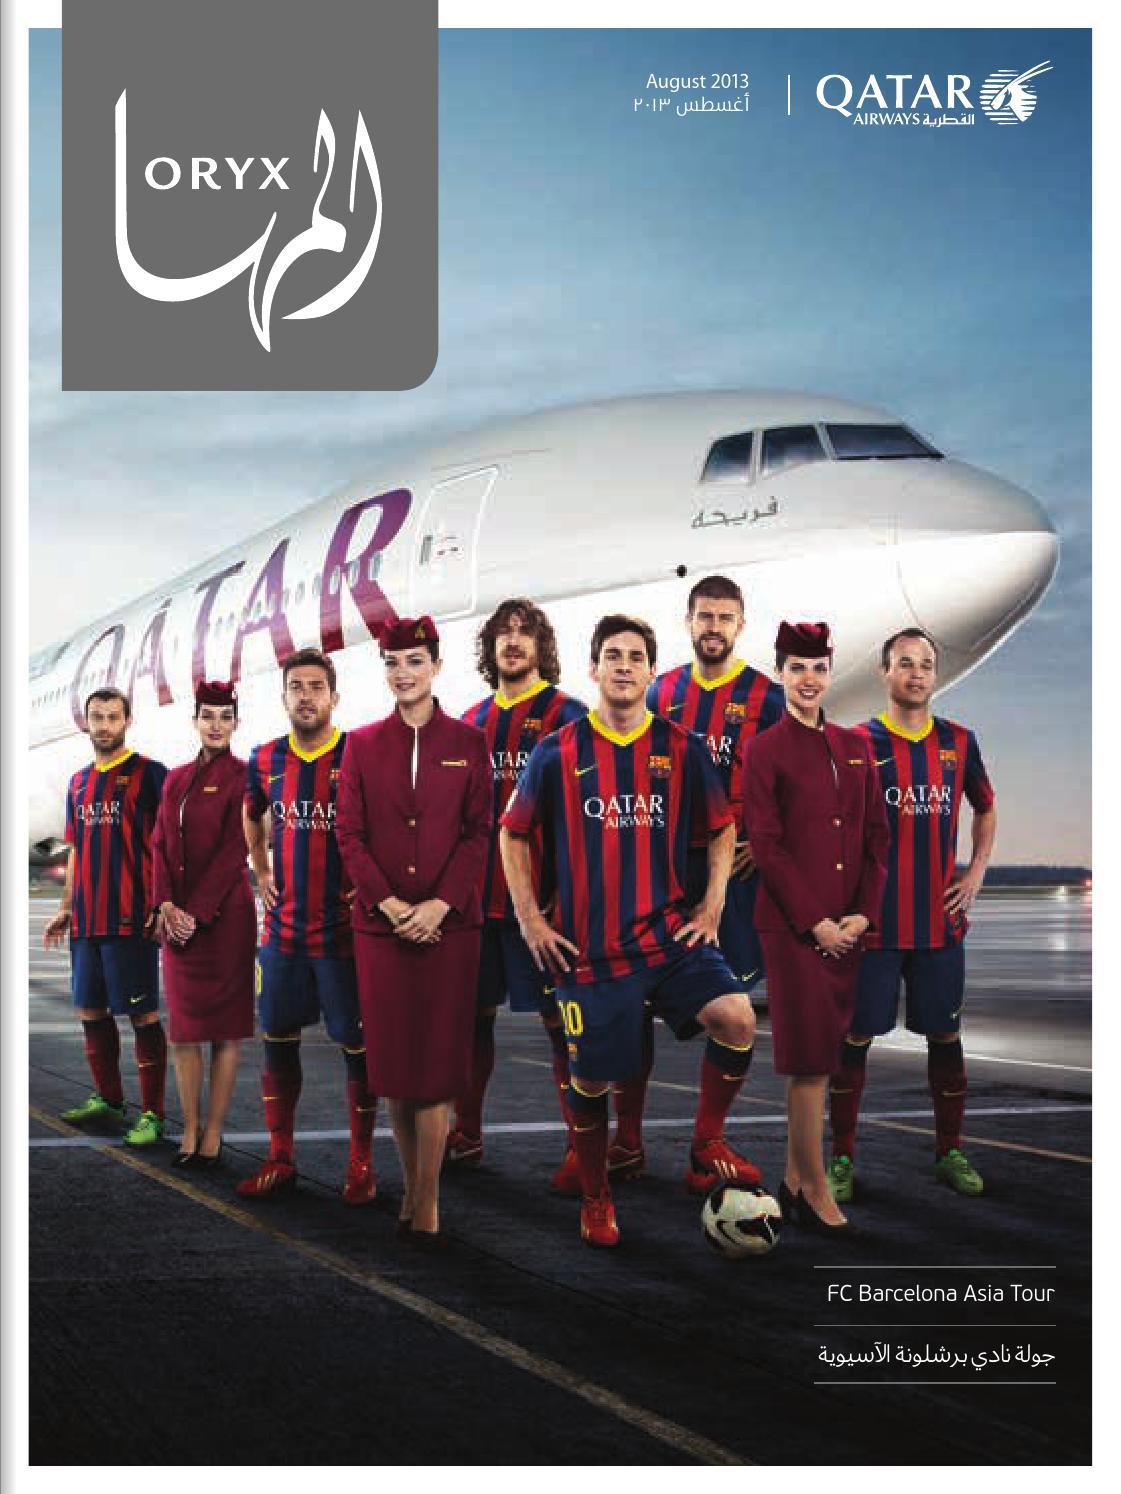 7b451fda9 Oryx Inflight magazine - Aug 13 by Qatar Airways - issuu